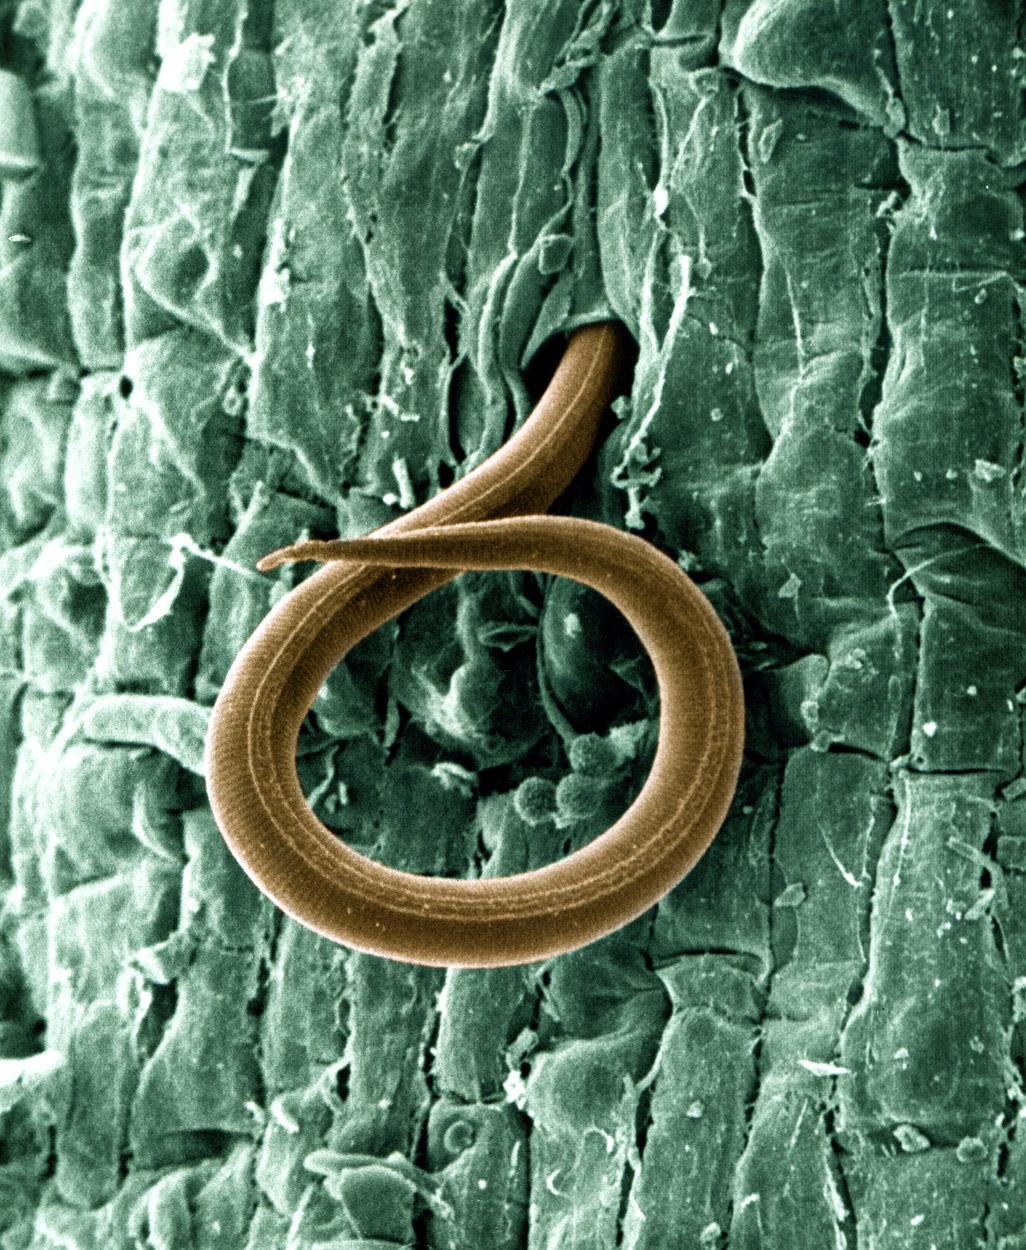 Nematoda Nematodes Roundworms Animalia